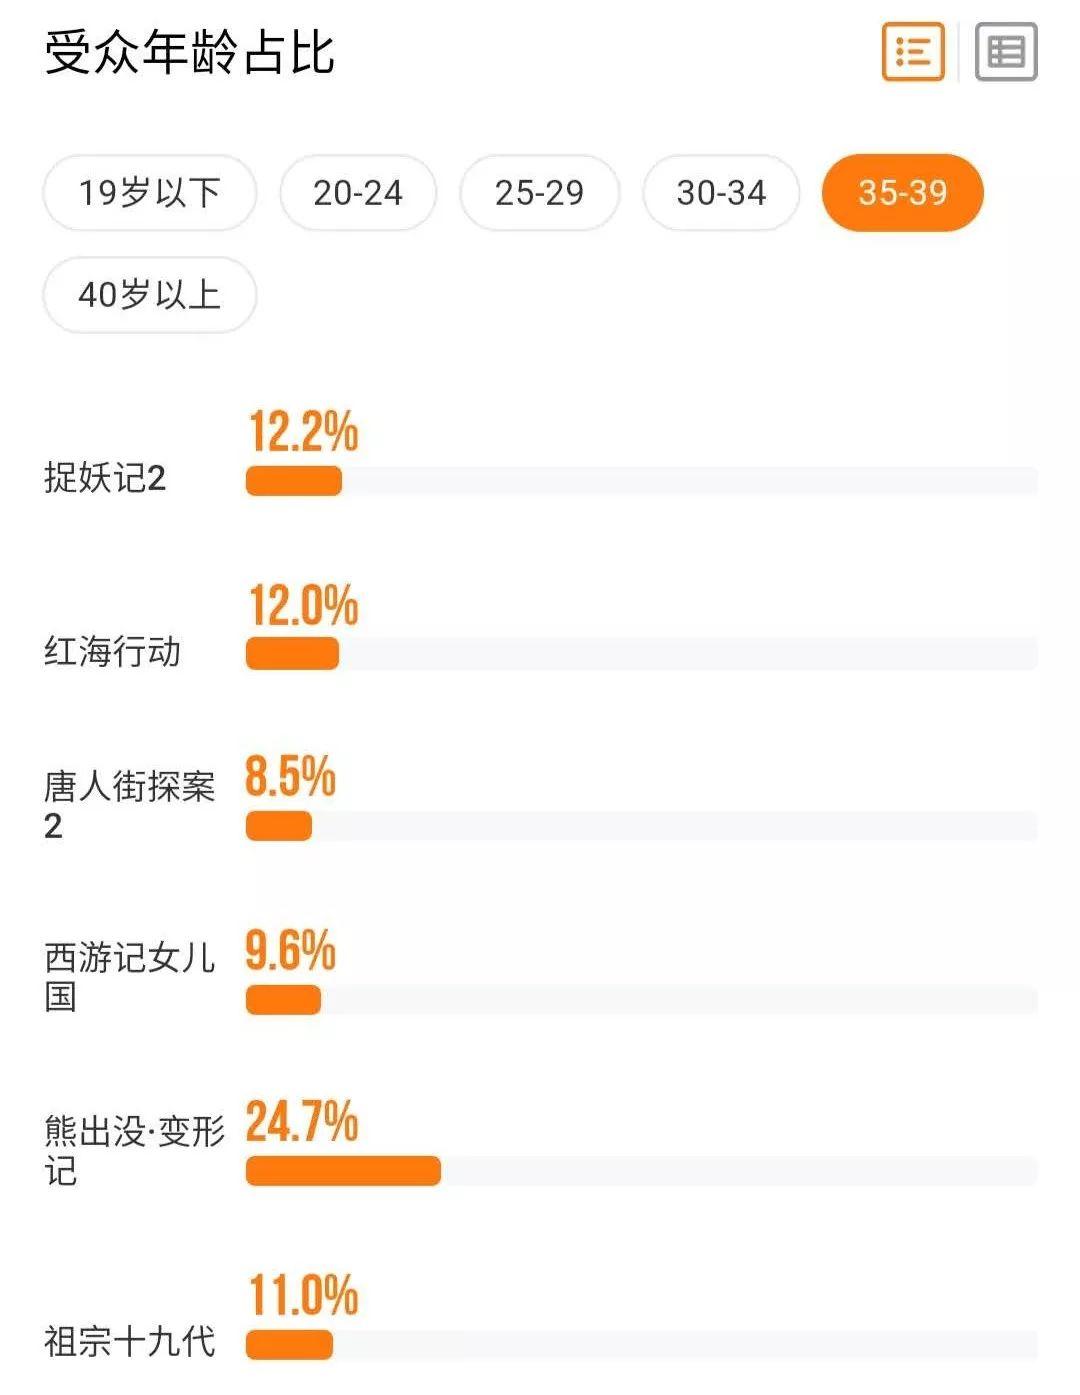 """春节档票房""""虚火"""":女性、工人等观影人群流失,2019将是电影行业最艰巨一年"""